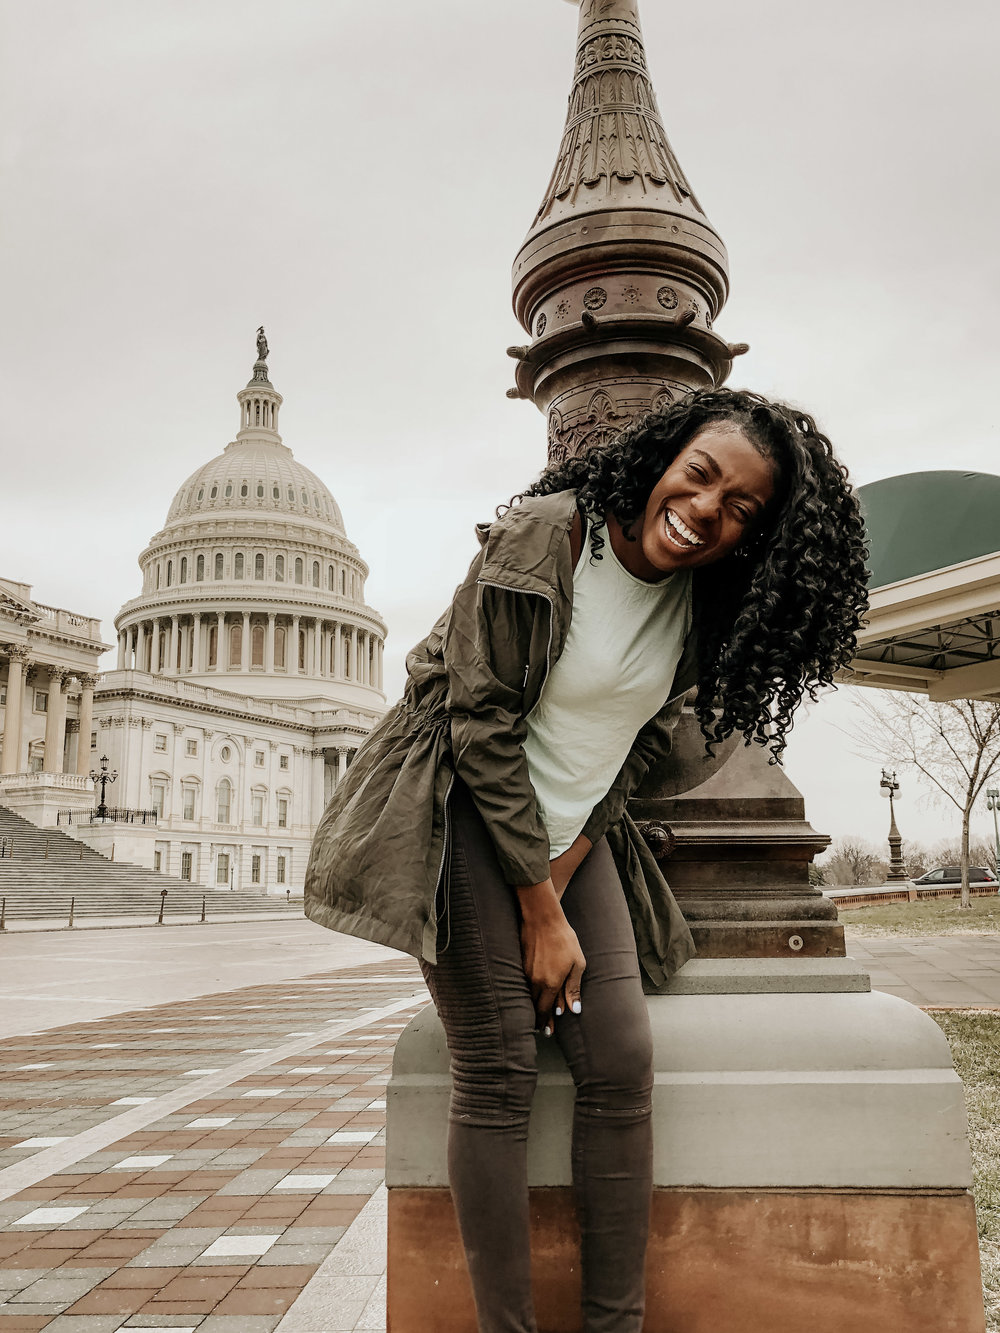 Washington D.C. Capitol Building